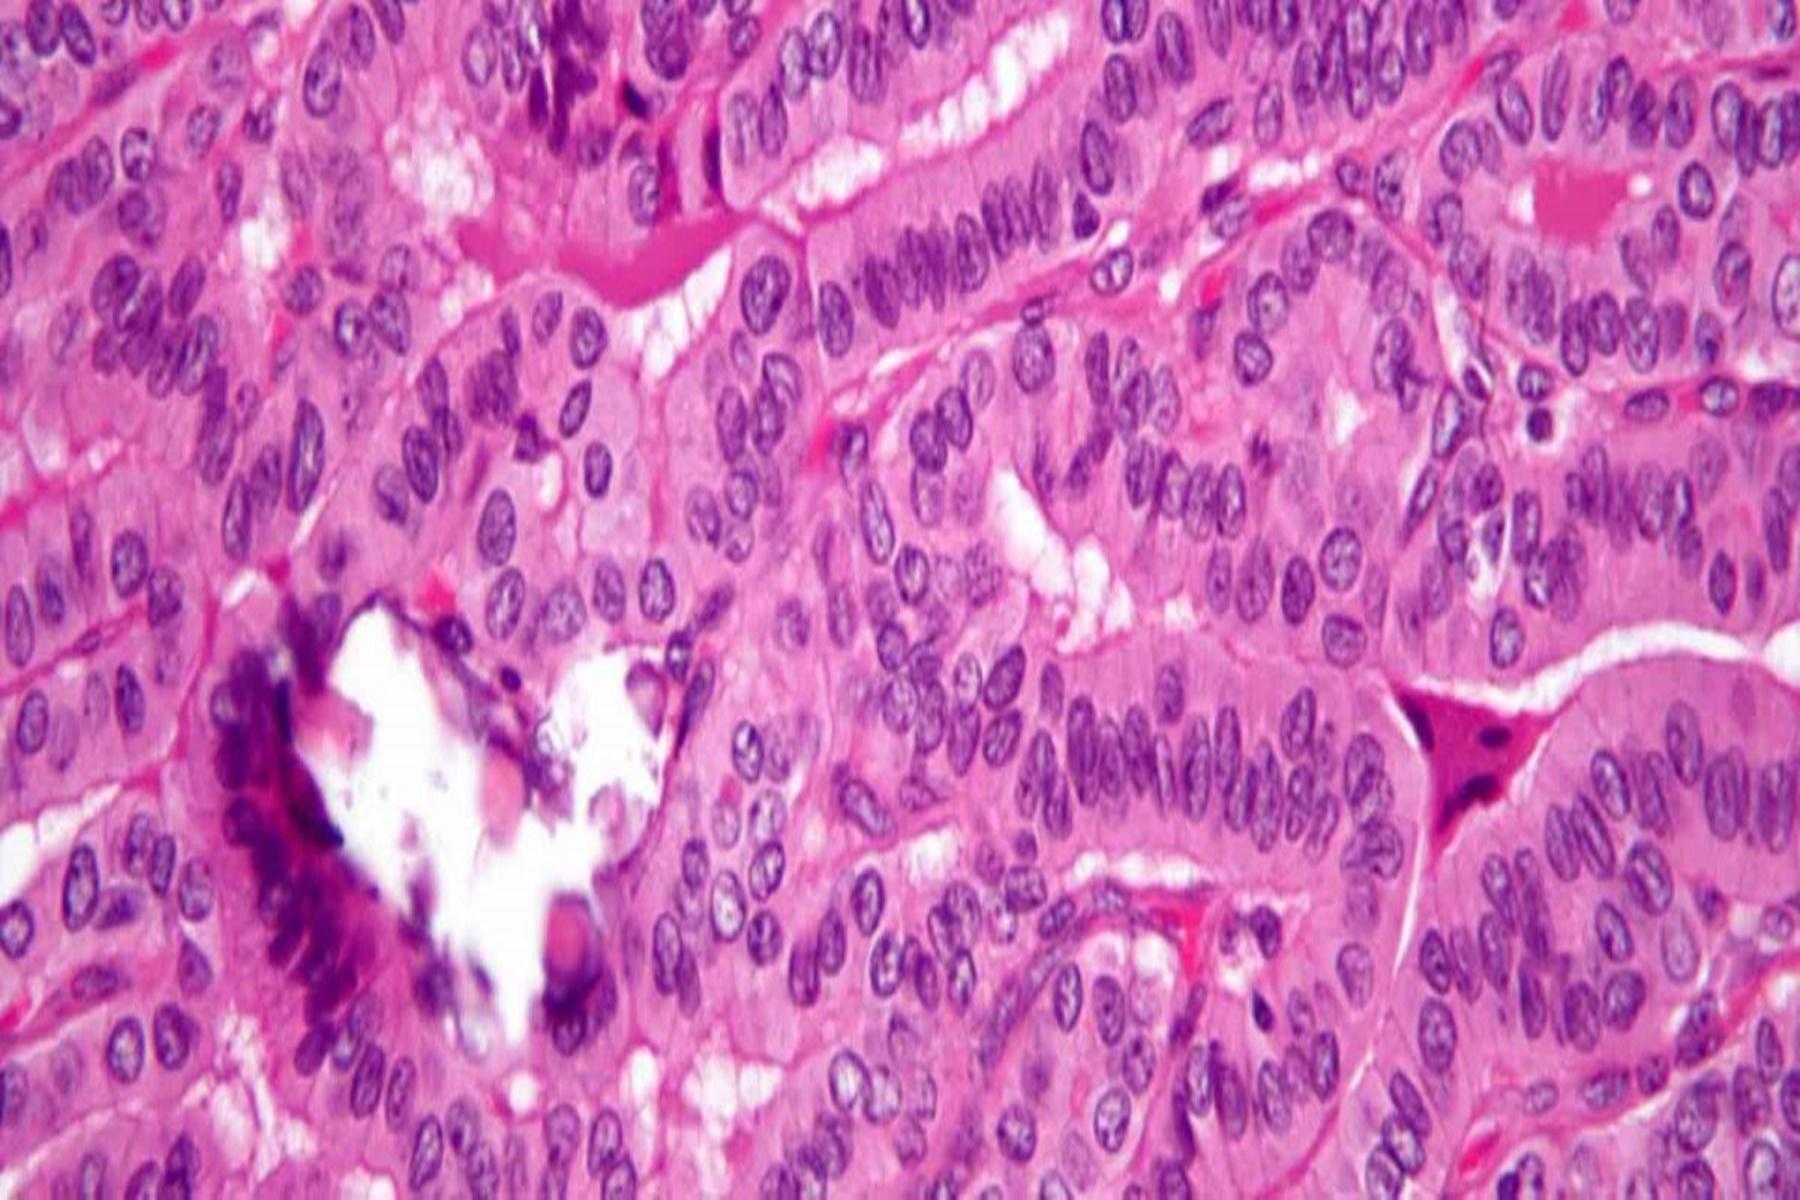 Θηλώδες καρκίνωμα : Πλήρες ιάσιμο σε αρχικό στάδιο ανίχνευσης